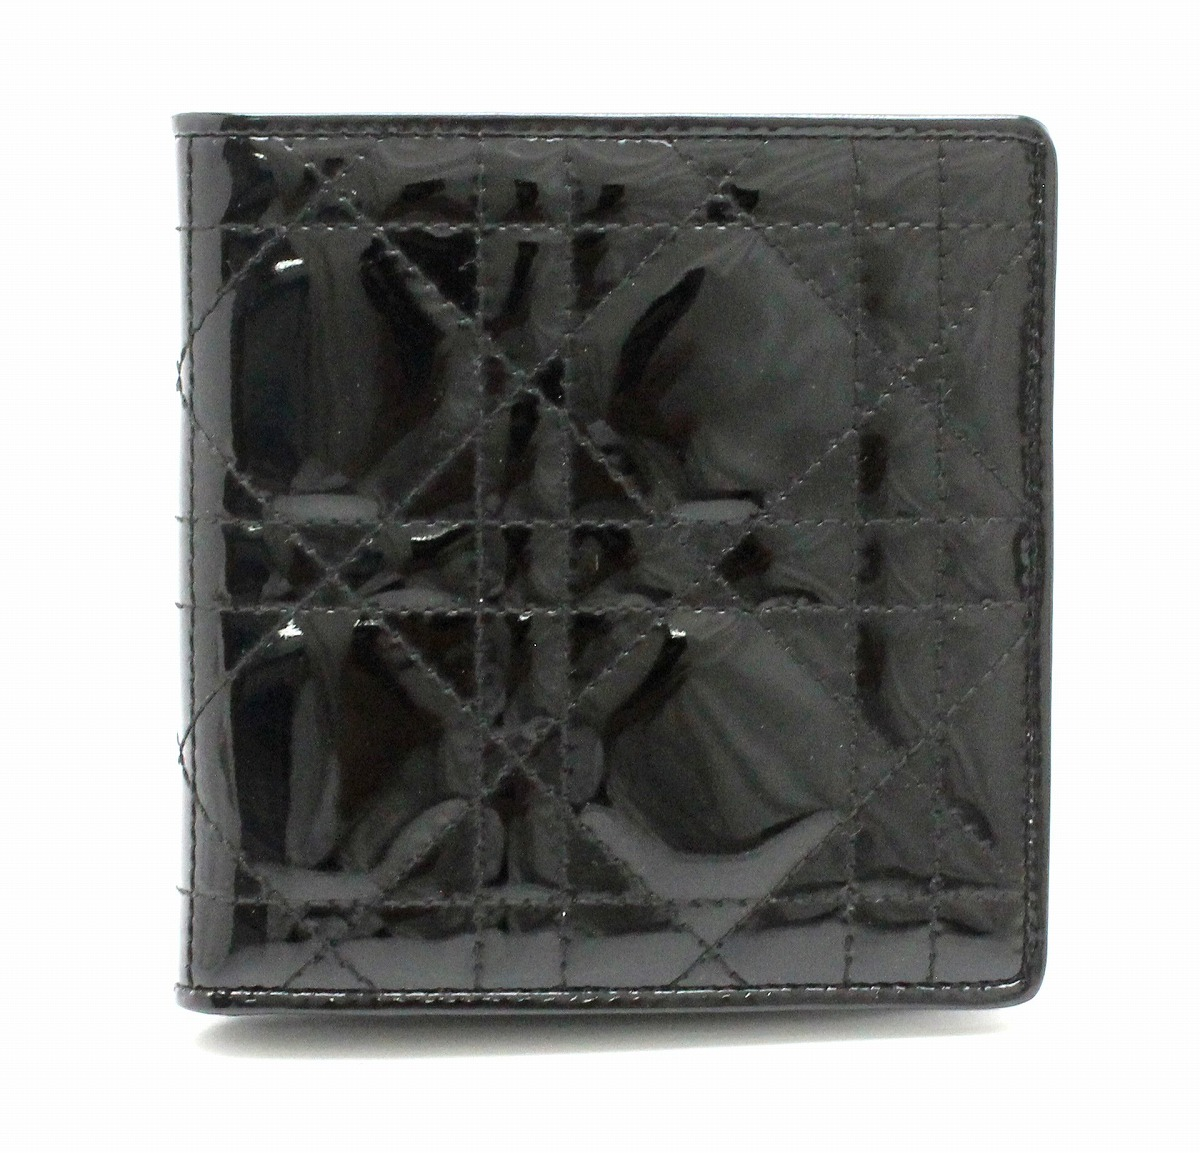 【財布】Christian Dior クリスチャン ディオール レディディオール 2つ折財布 パテントレザー 黒 ブラック 【中古】【k】